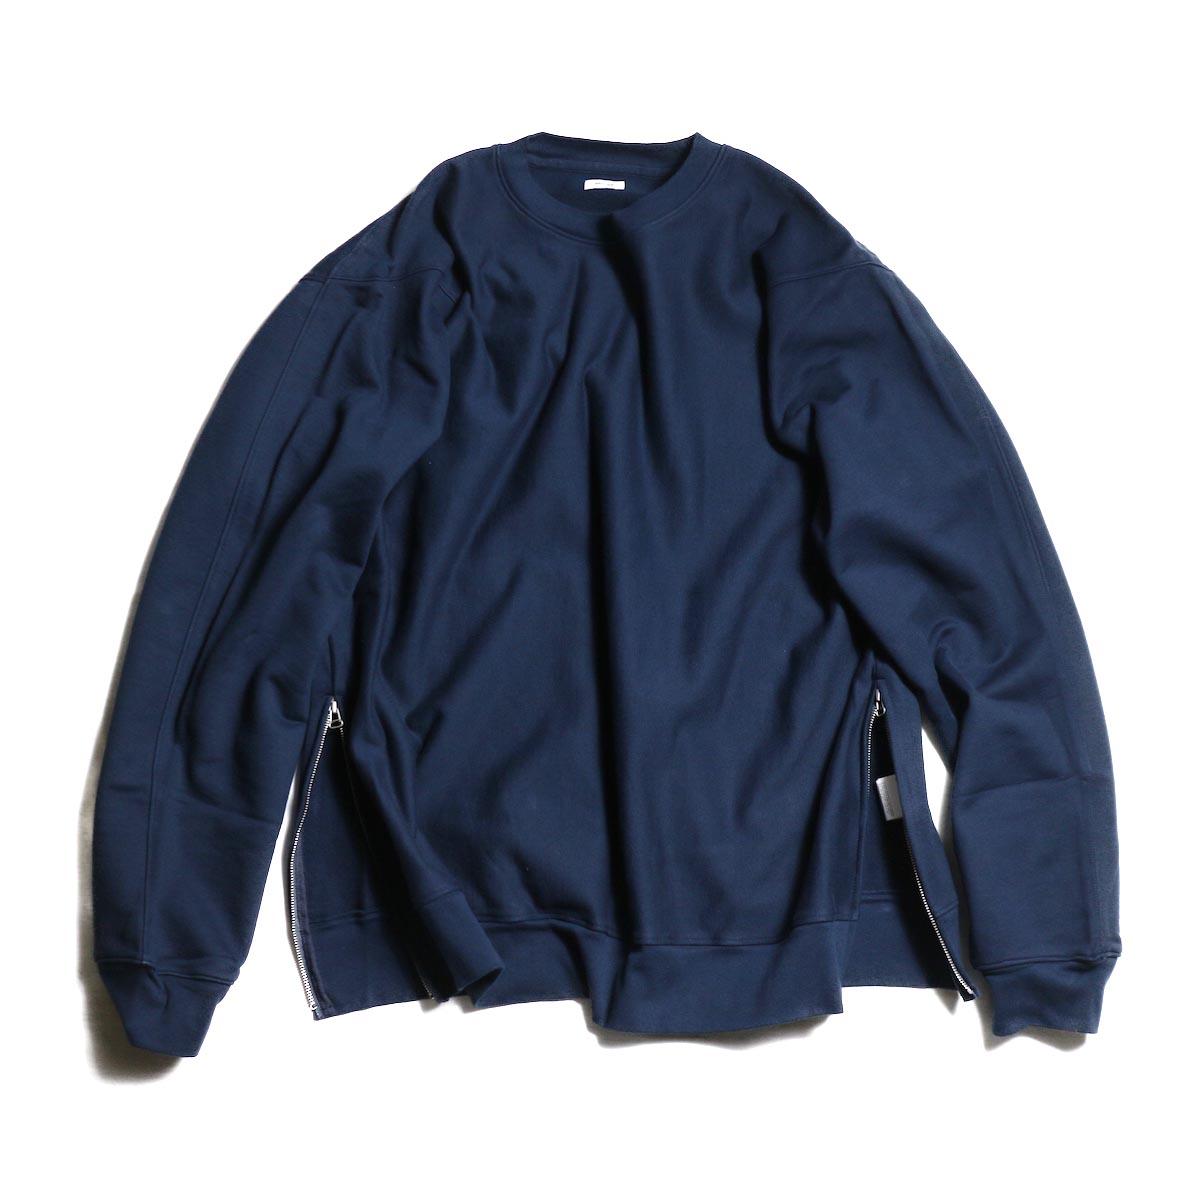 blurhms / High density Sweat Side Zipper P/O -Navy